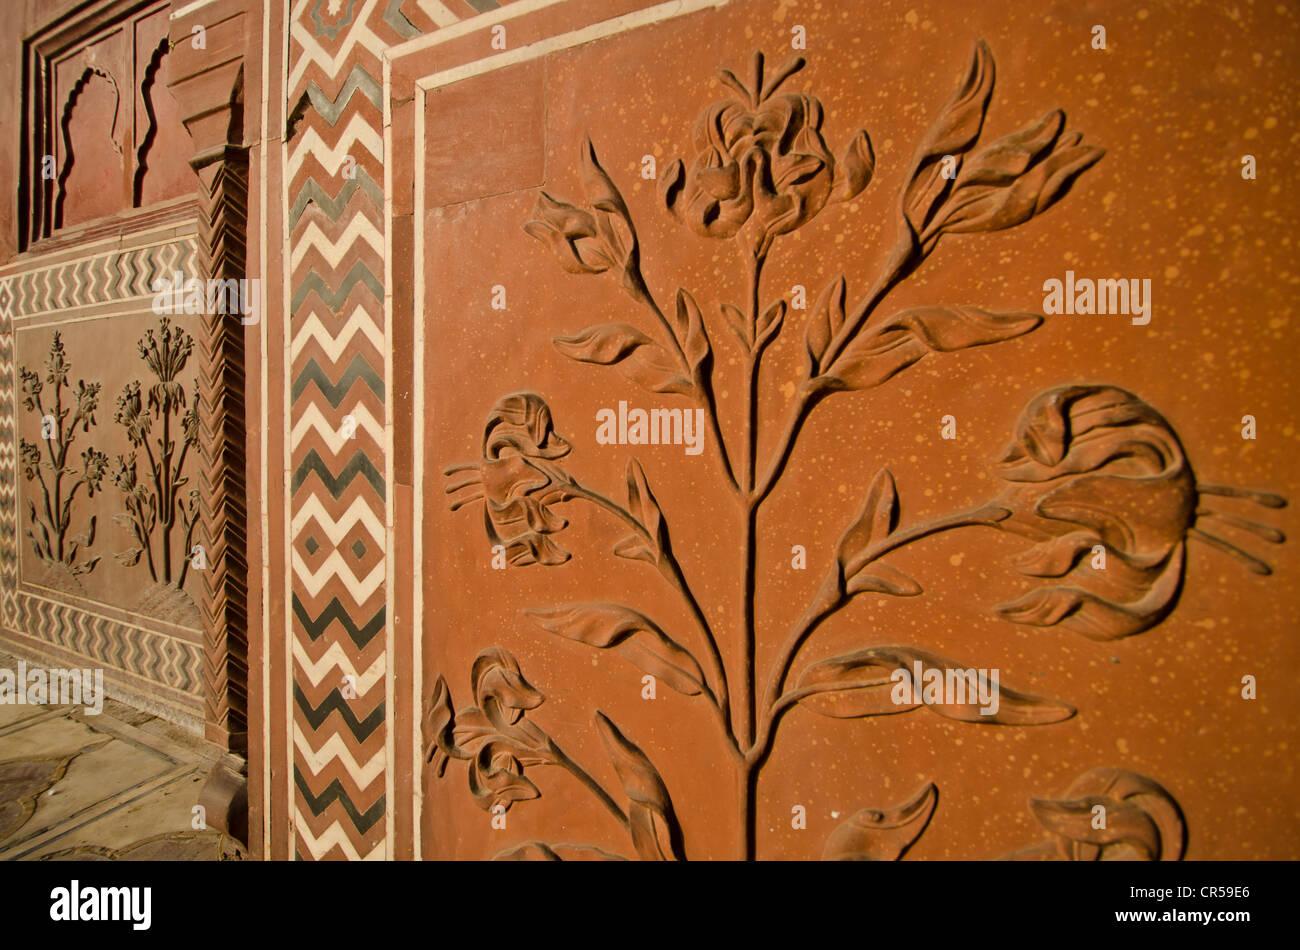 Stone carvings and gemstone inlays, Taj Mahal, UNESCO World Heritage Site, Agra, Uttar Pradesh, India, Asia - Stock Image